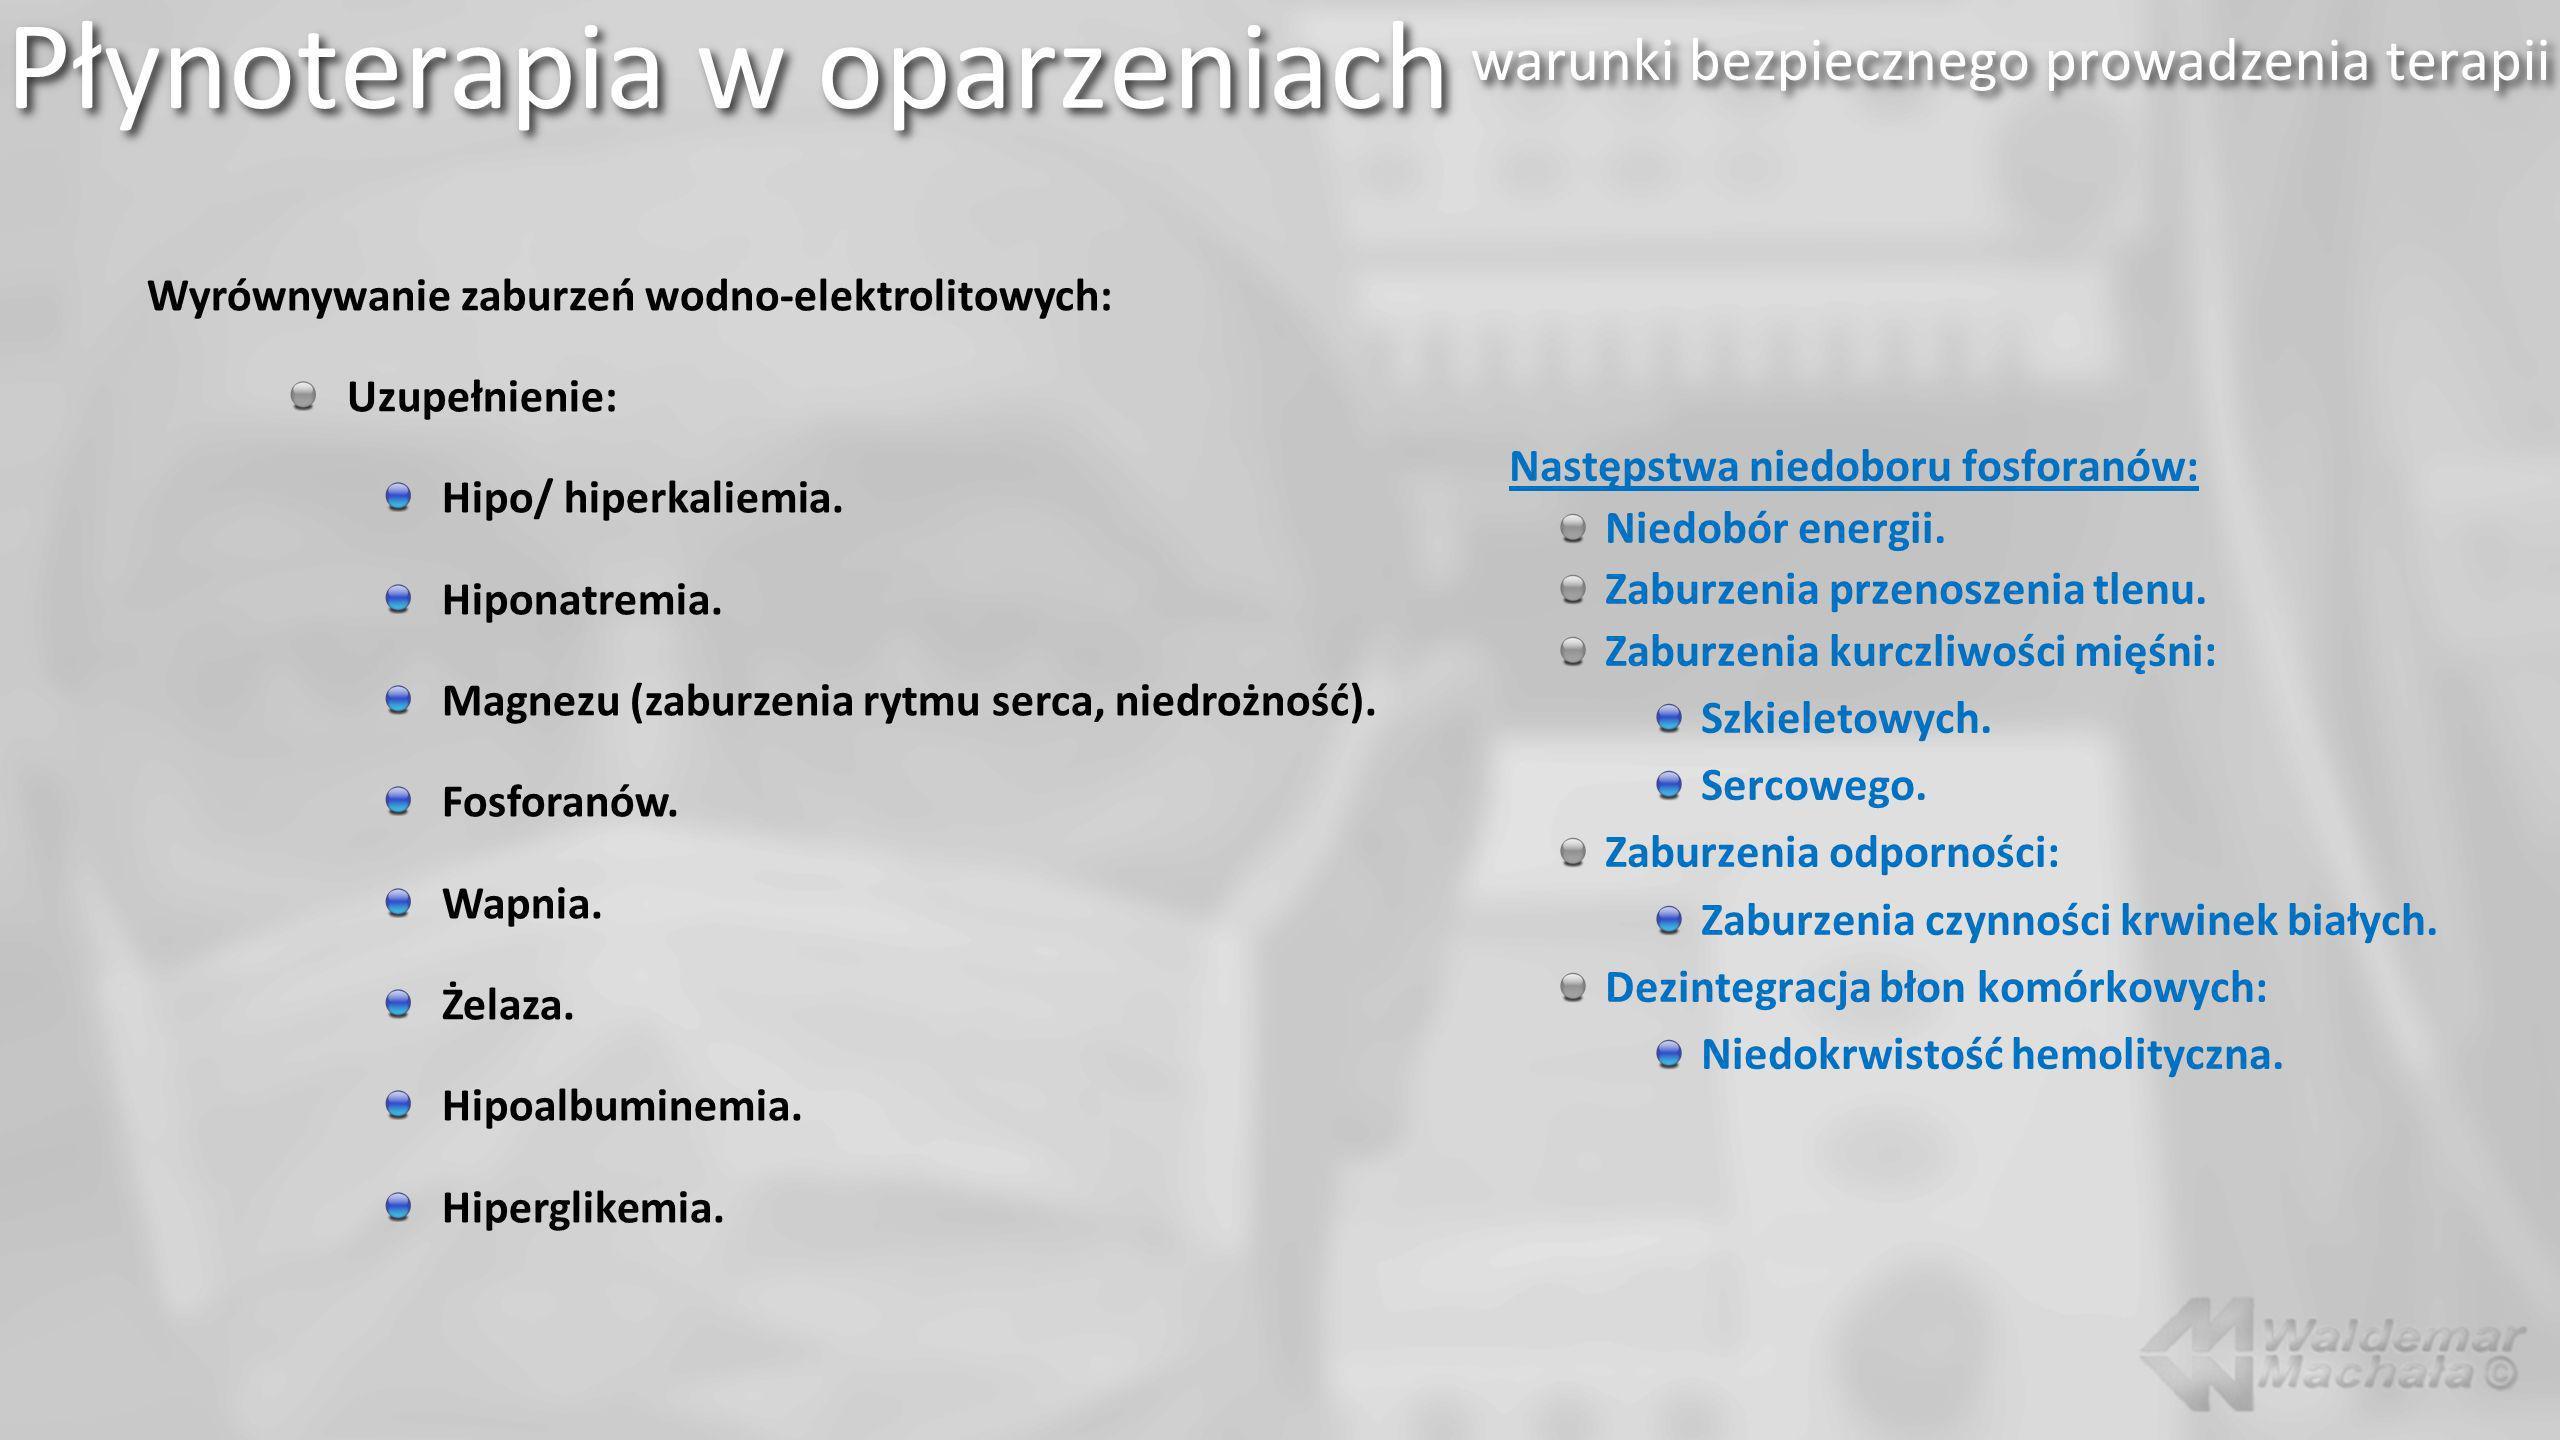 Płynoterapia w oparzeniach warunki bezpiecznego prowadzenia terapii Wyrównywanie zaburzeń wodno-elektrolitowych: Uzupełnienie: Hipo/ hiperkaliemia.